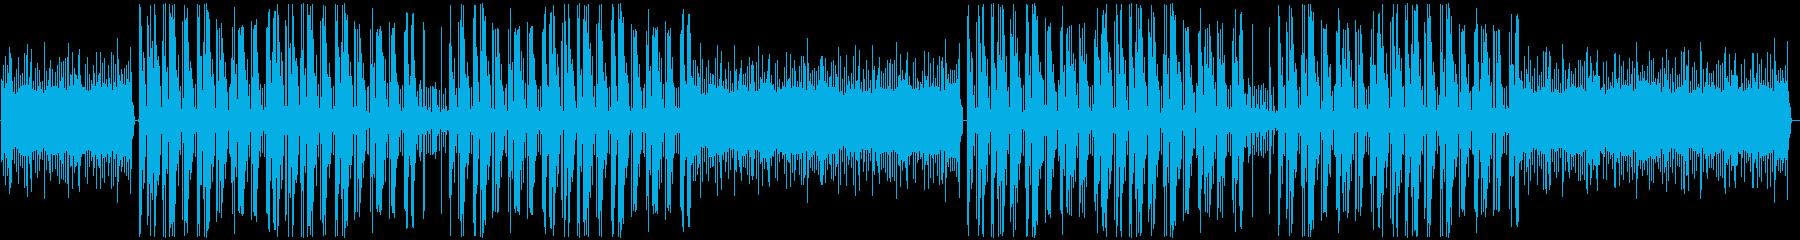 憂鬱・コロナのシリアスなドキュメンタリーの再生済みの波形